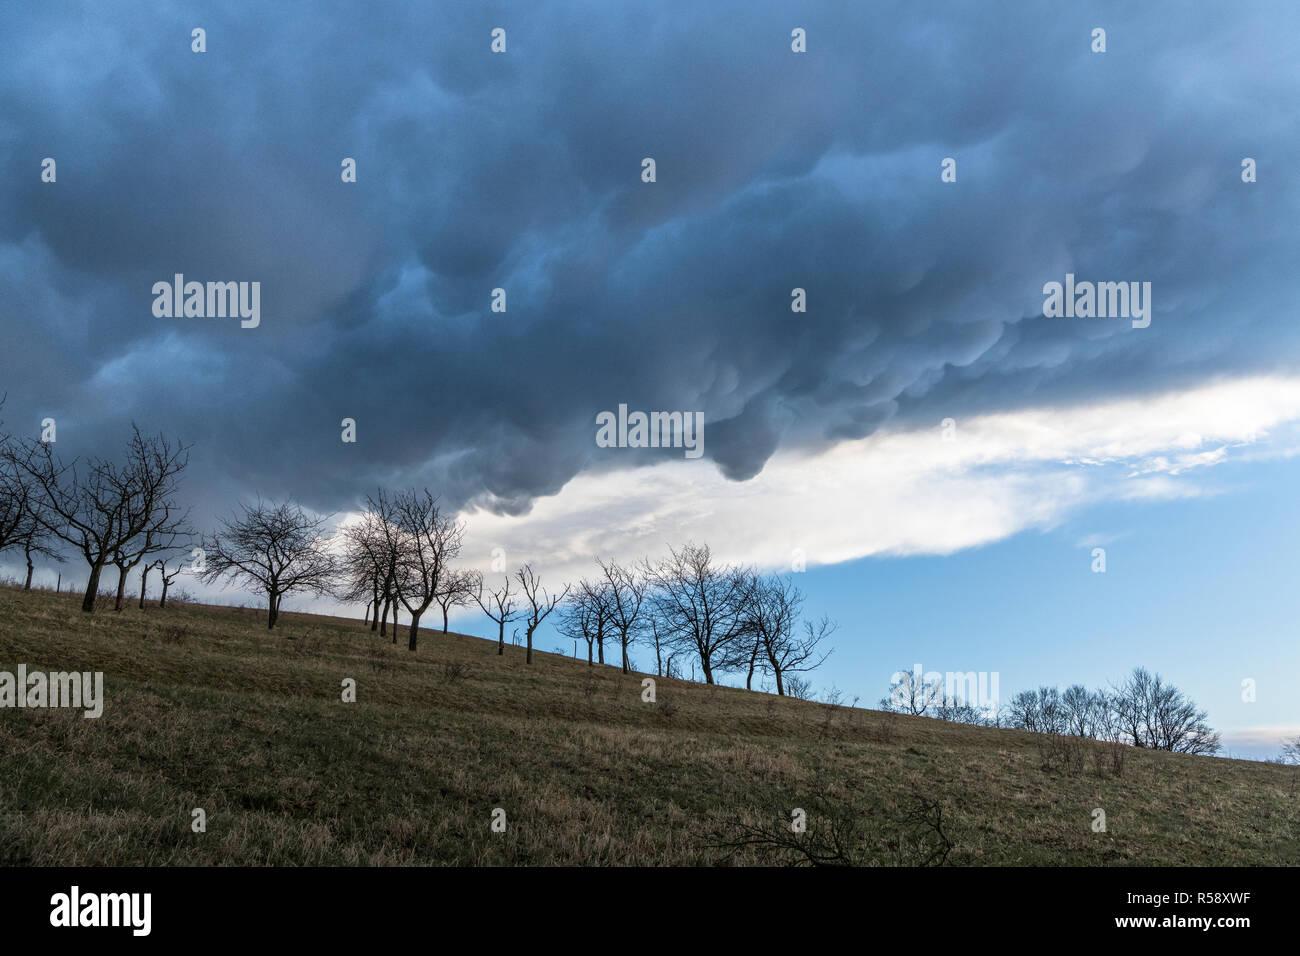 Szinérváralja, orages, nuages Mammatus, Thuringe, Allemagne Banque D'Images